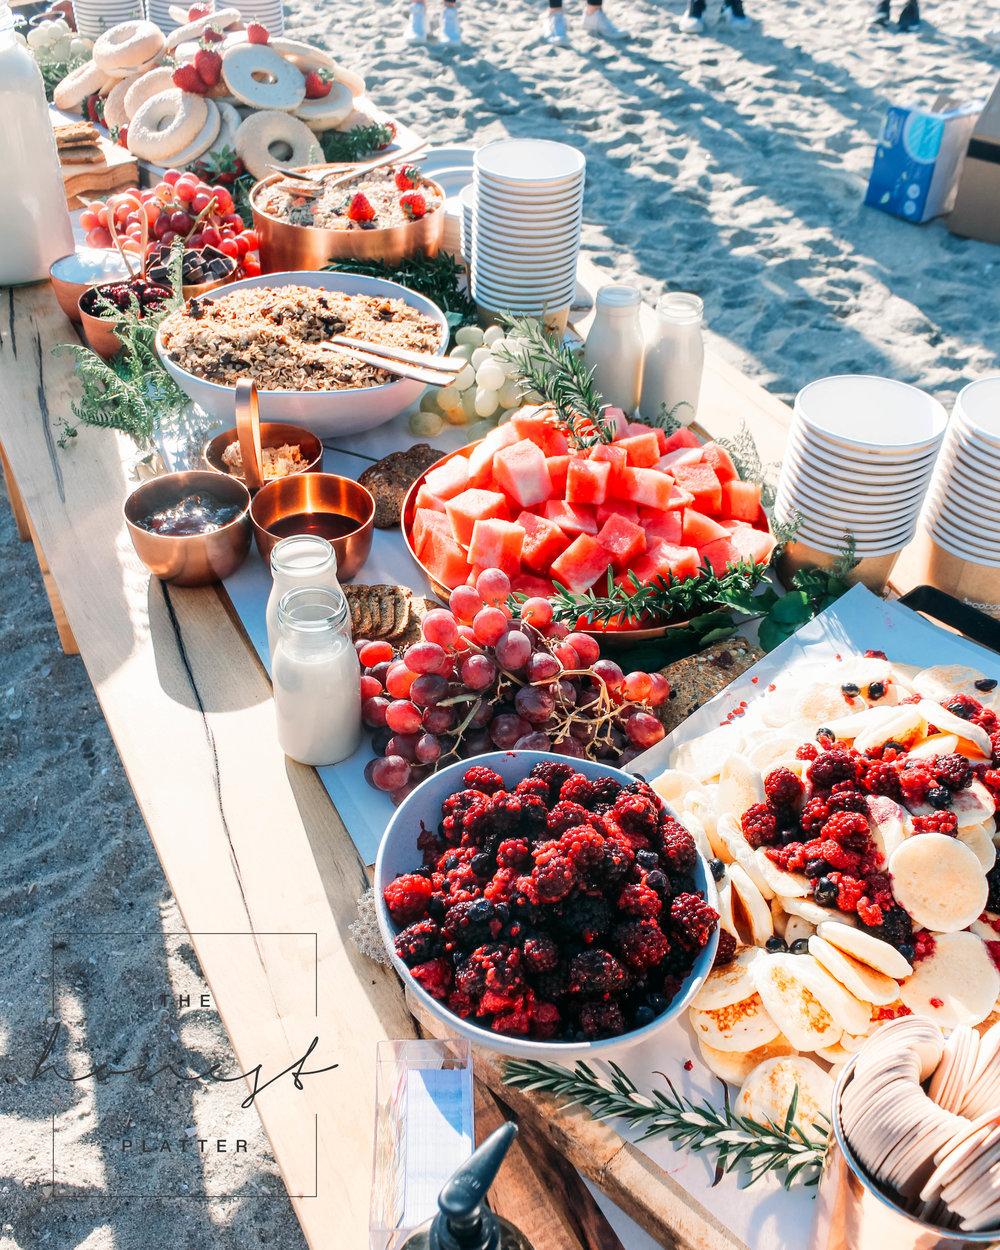 Breakast Grazing Table   The Honest Platter   Bay of Plenty, NZ